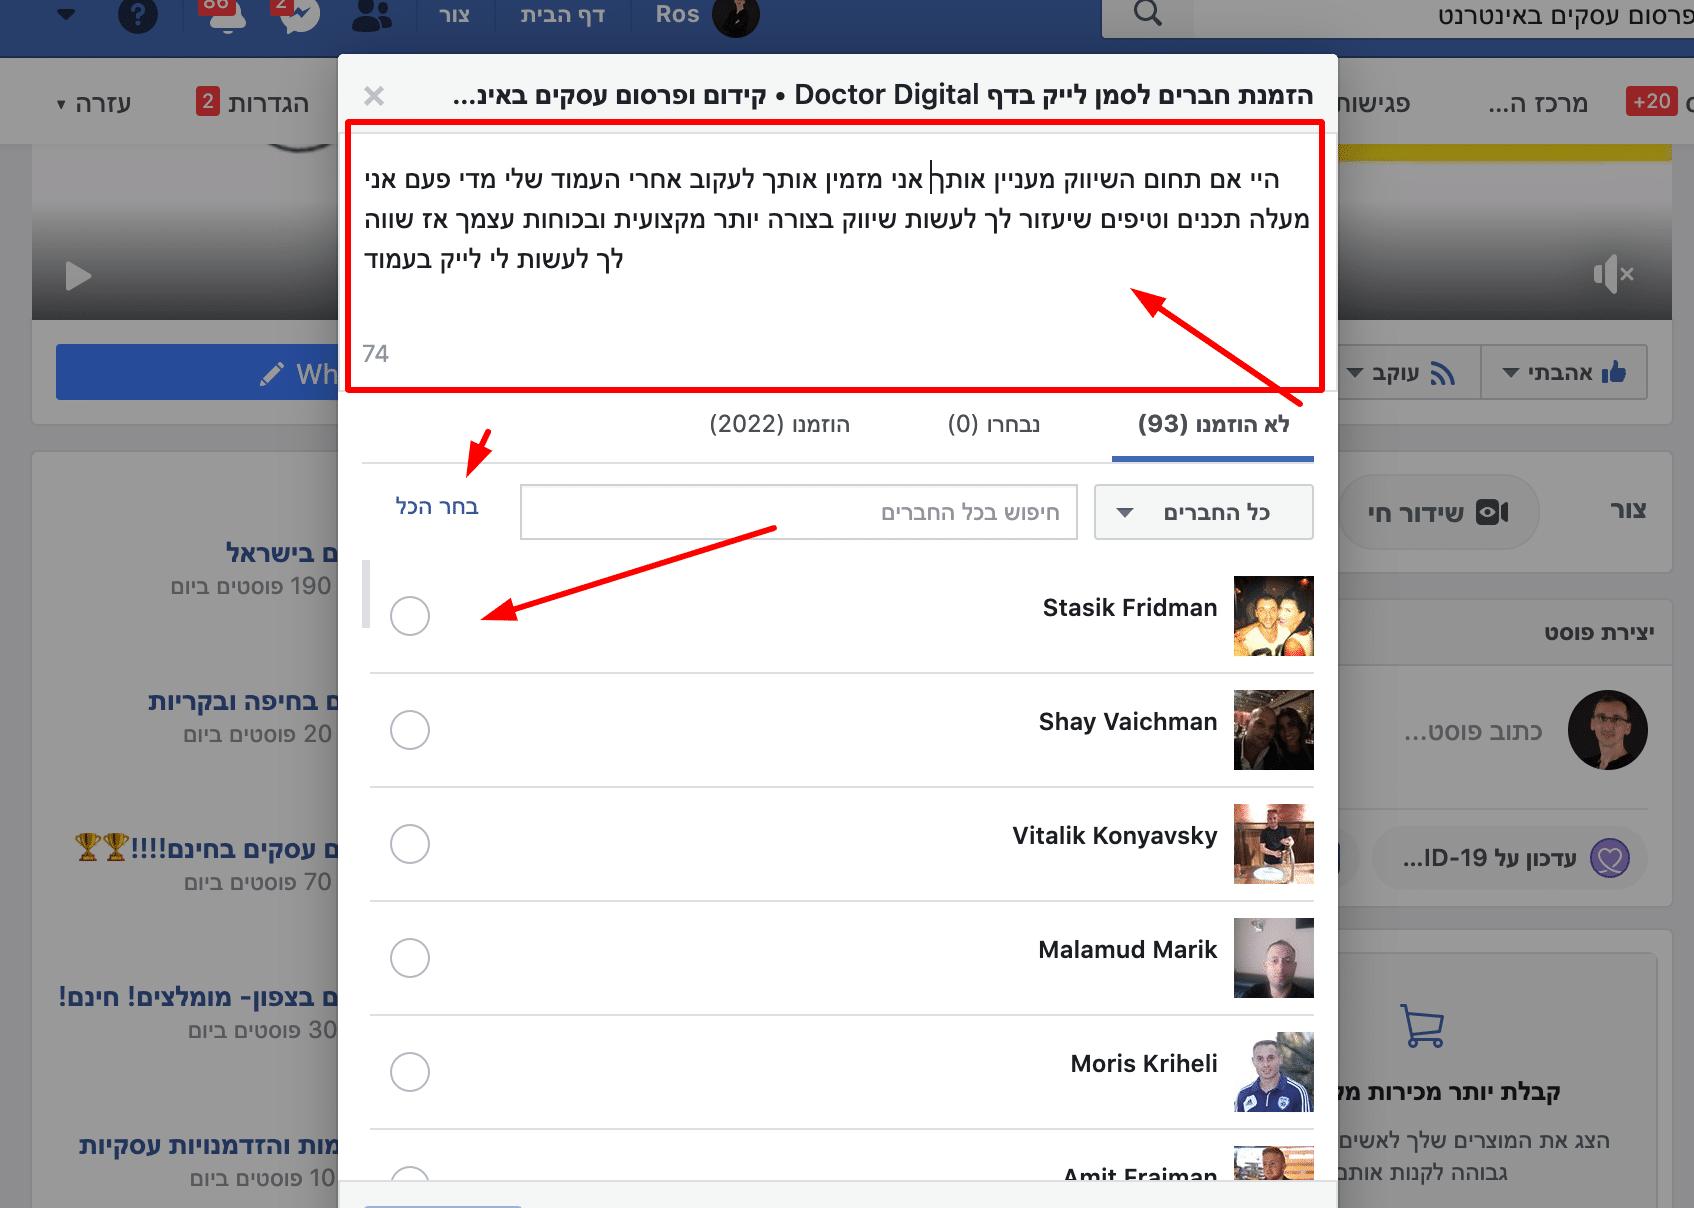 שיווק בפייסבוק 10 שיטות לקידום בפייסבוק ומדריך המלא לביצוע